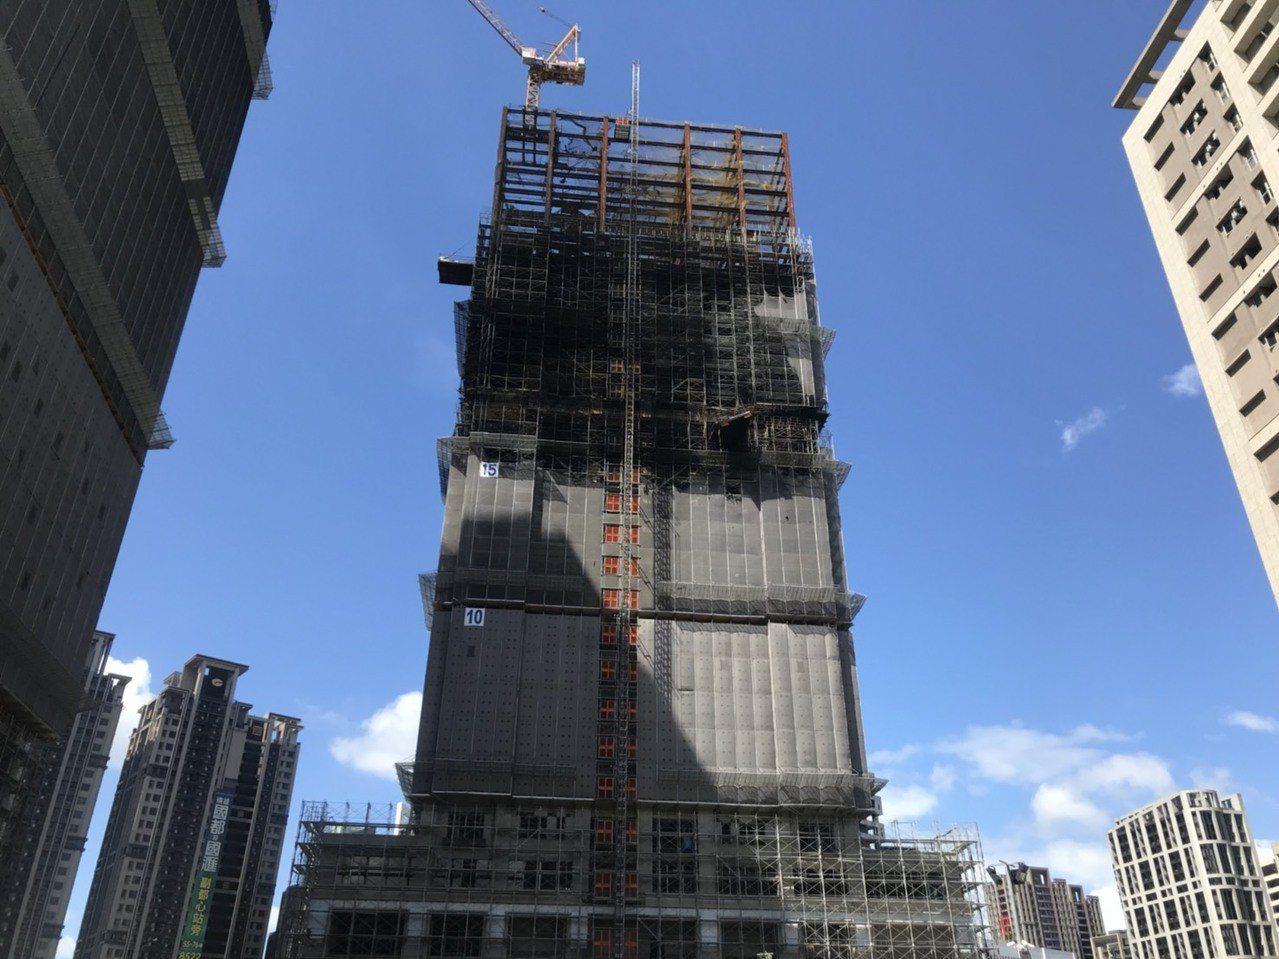 新北市新莊區中央路736號對面工地24樓建築物的15、16樓昨晚全面燃燒,迄今仍...